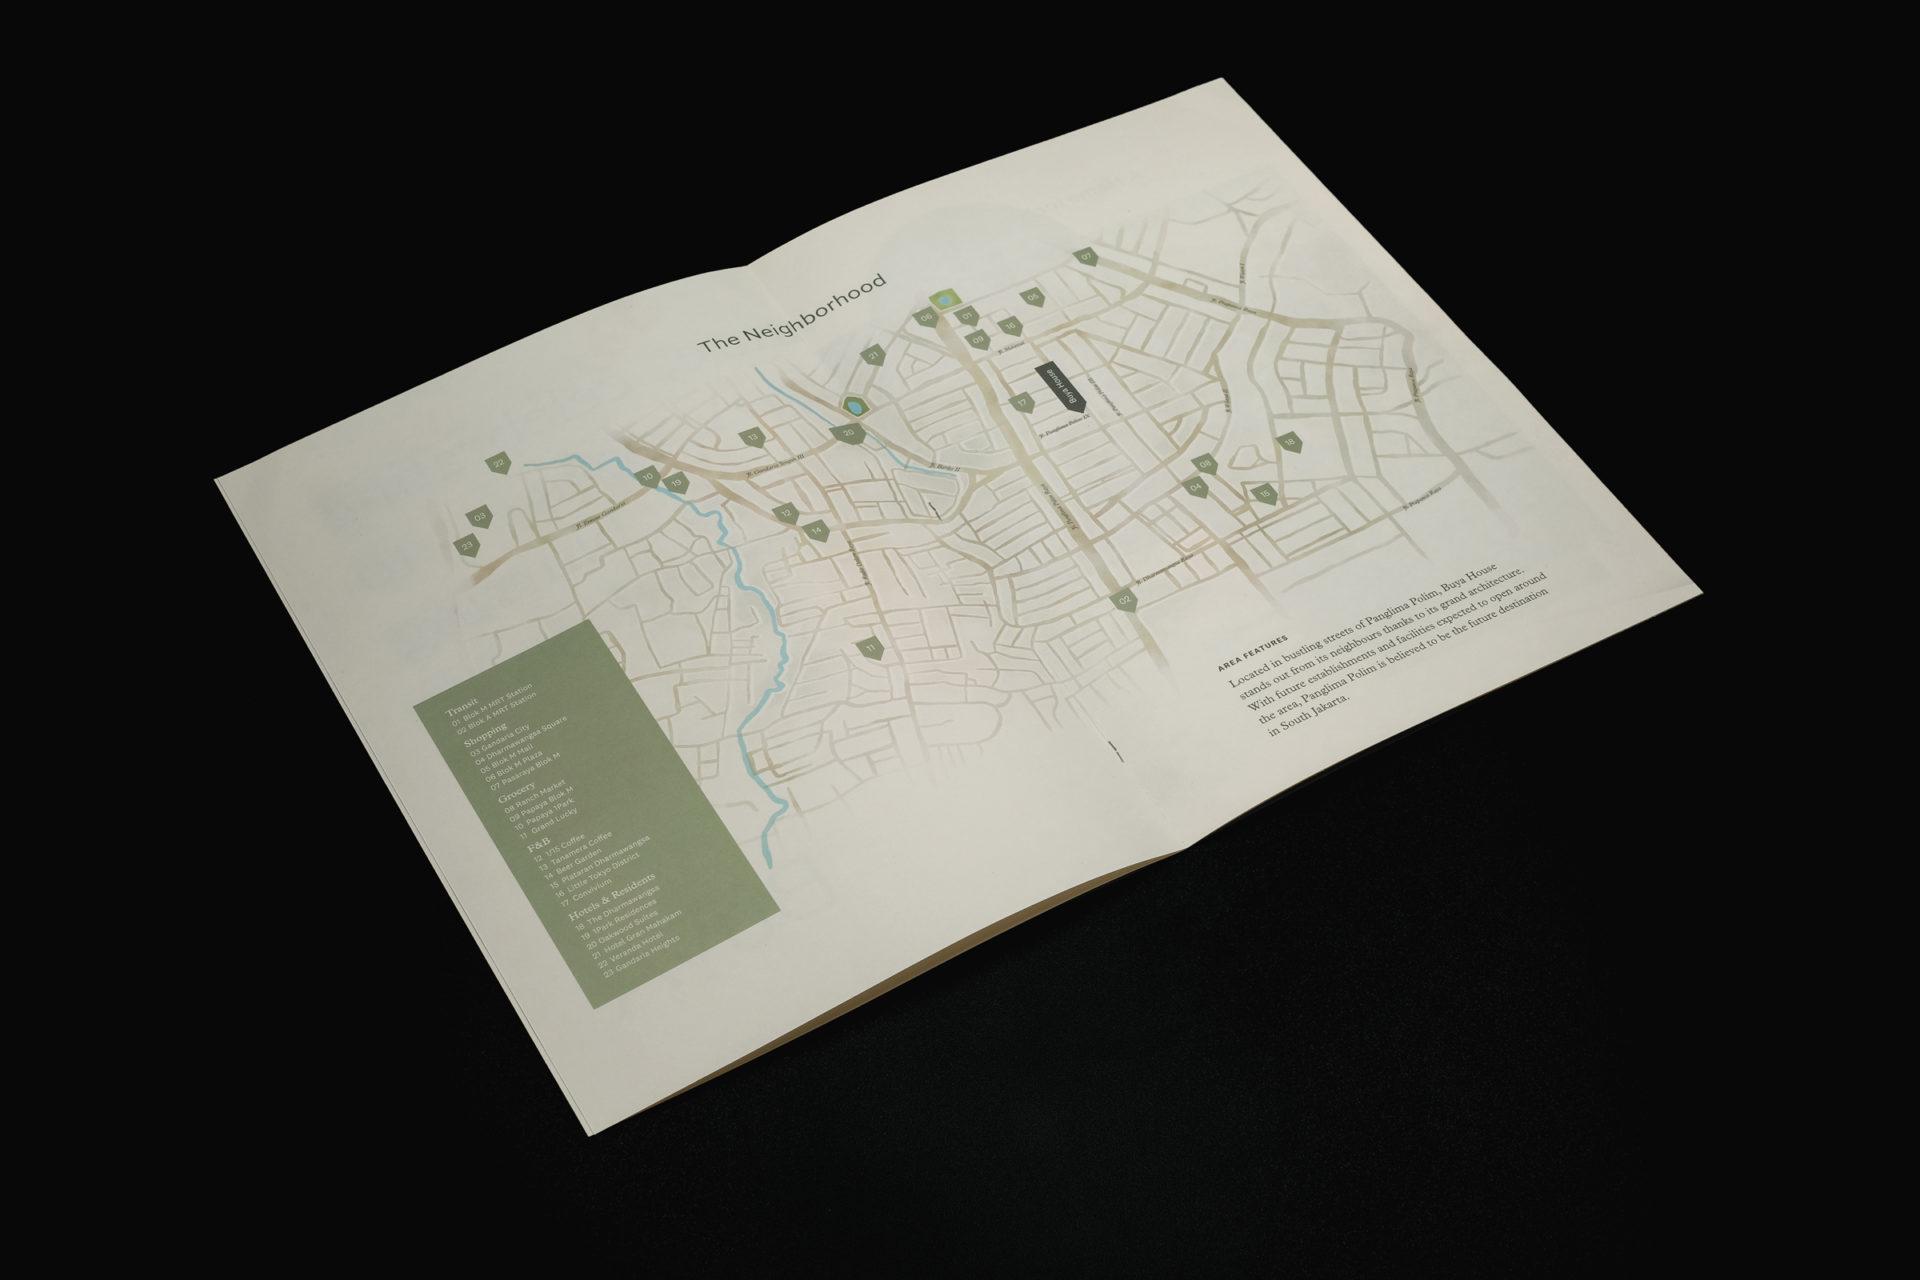 buya-house-brochure-05